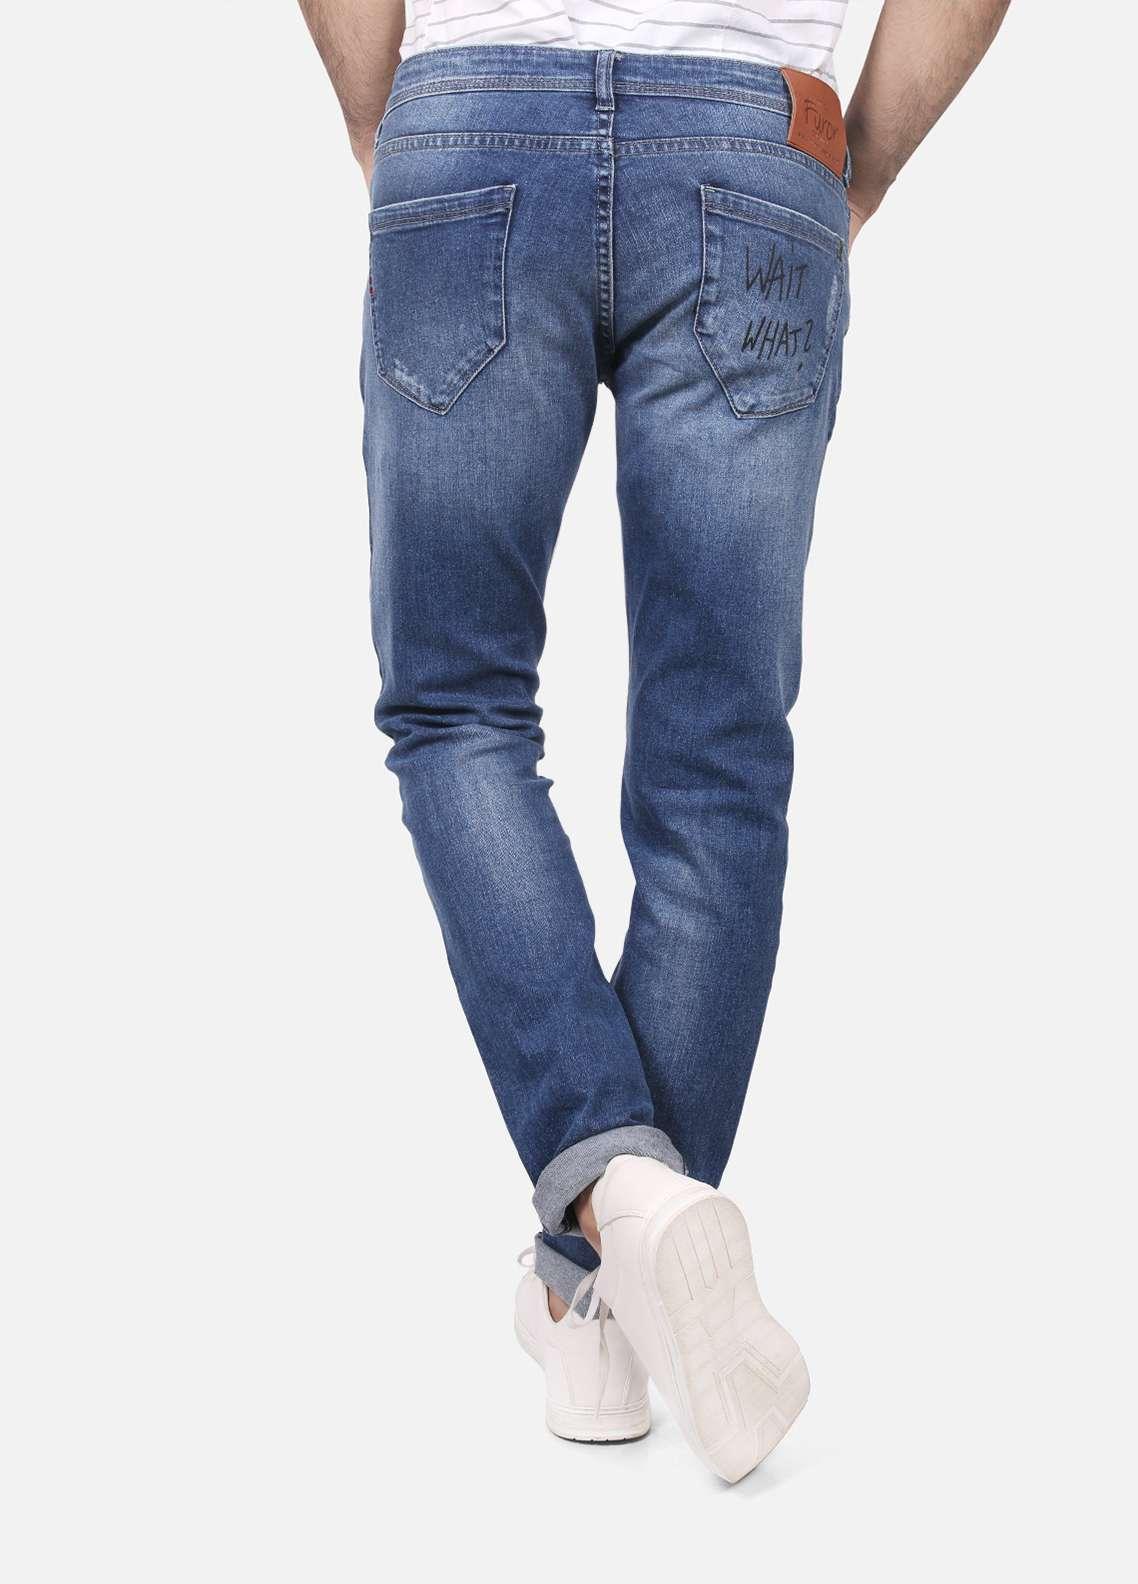 Furor Denim Denim Jeans for Men - Blue FRM18DP 003